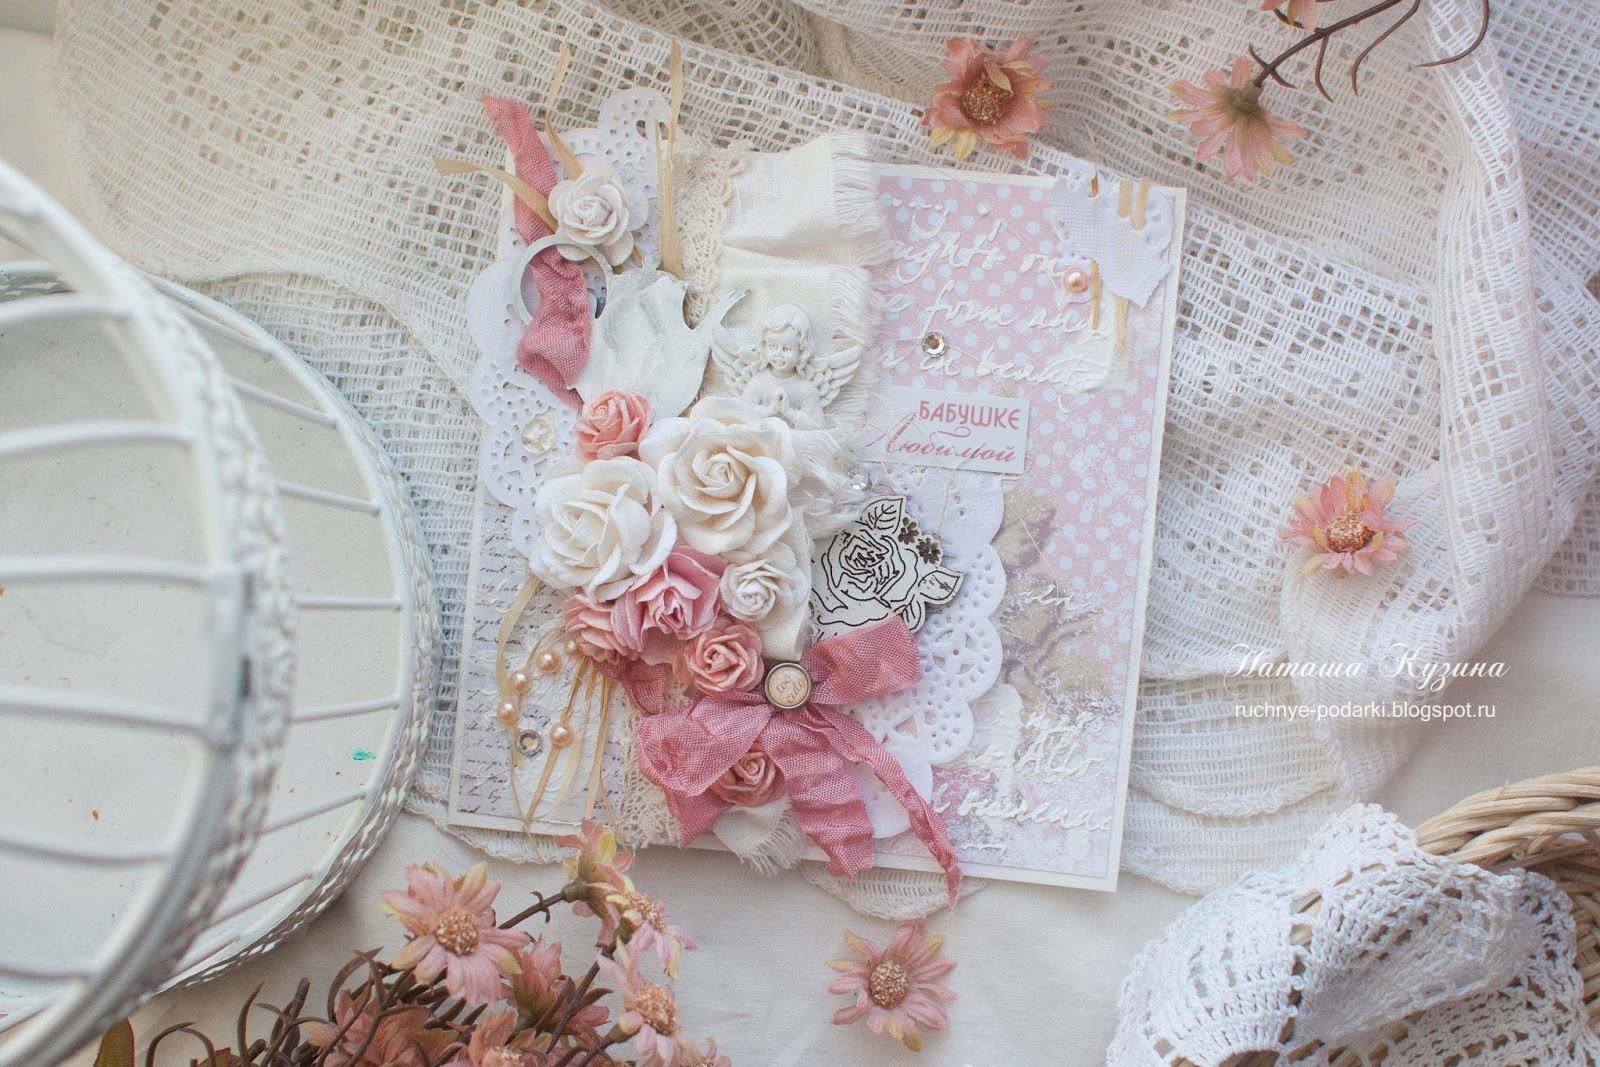 открытка шебби-шик, розовая открытка, открытка, Наташа Кузина